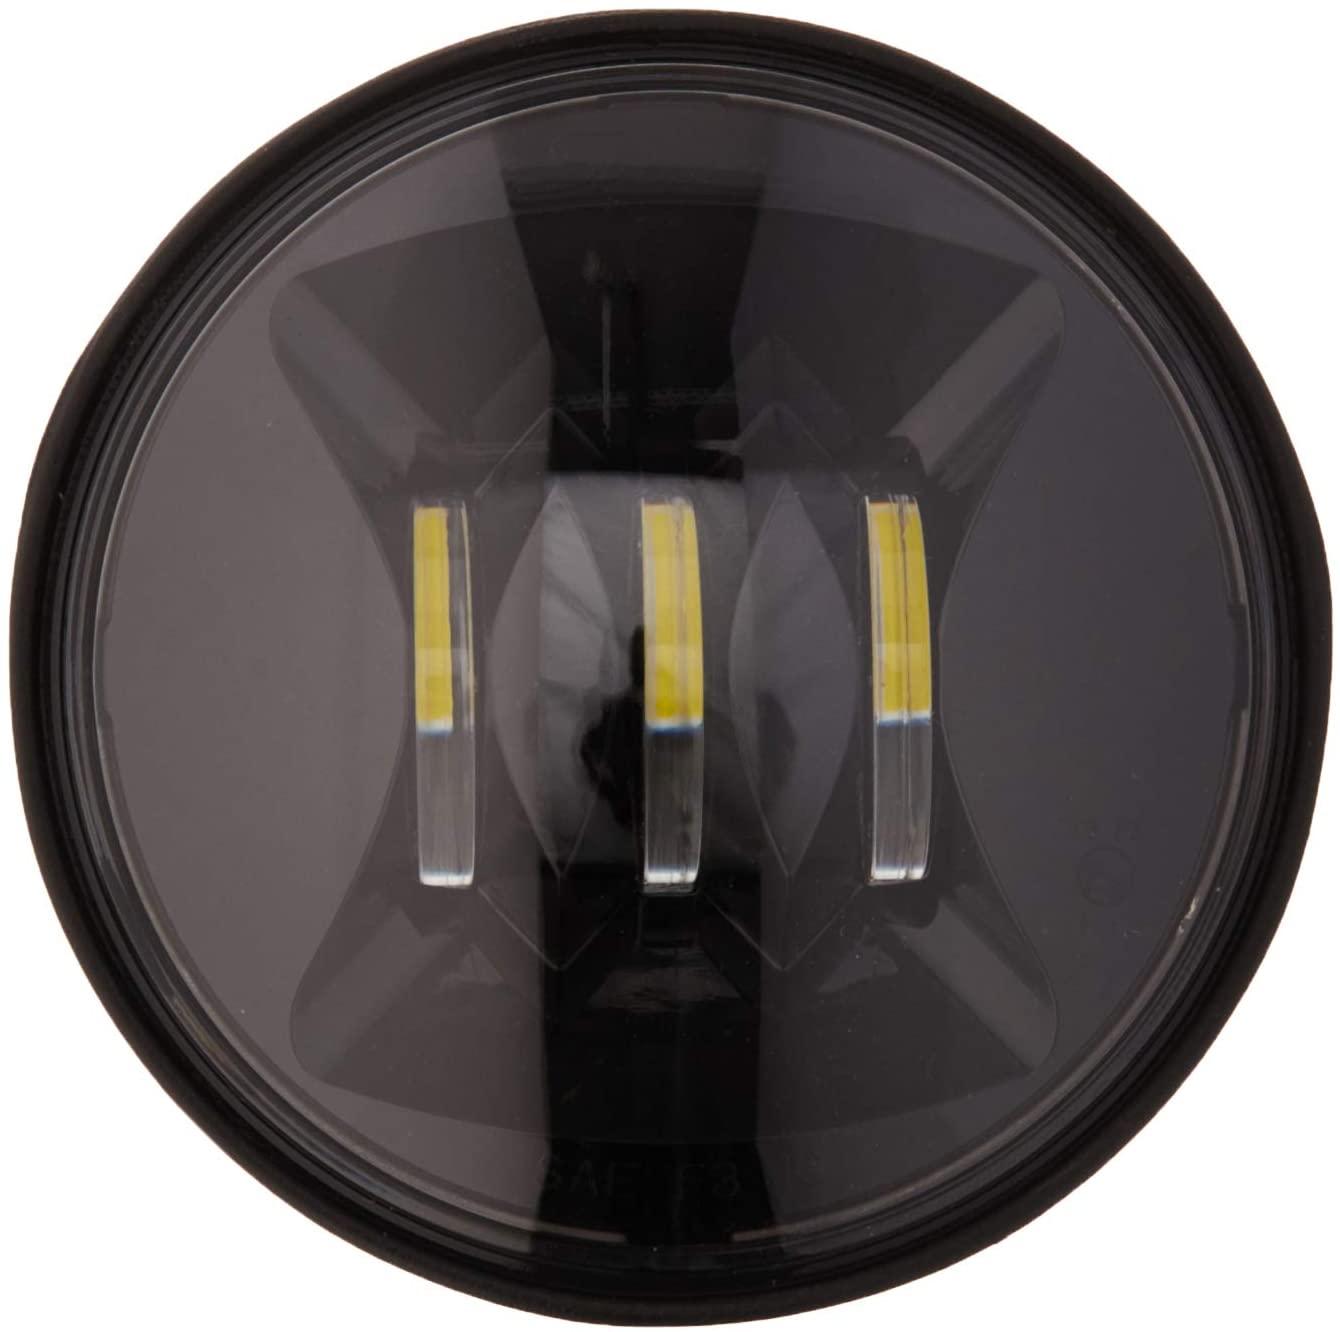 J.W. Speaker 0545731 Model 6045 12V SAE/ECE Right Hand Turn LED Fog Light with Black Inner Bezel